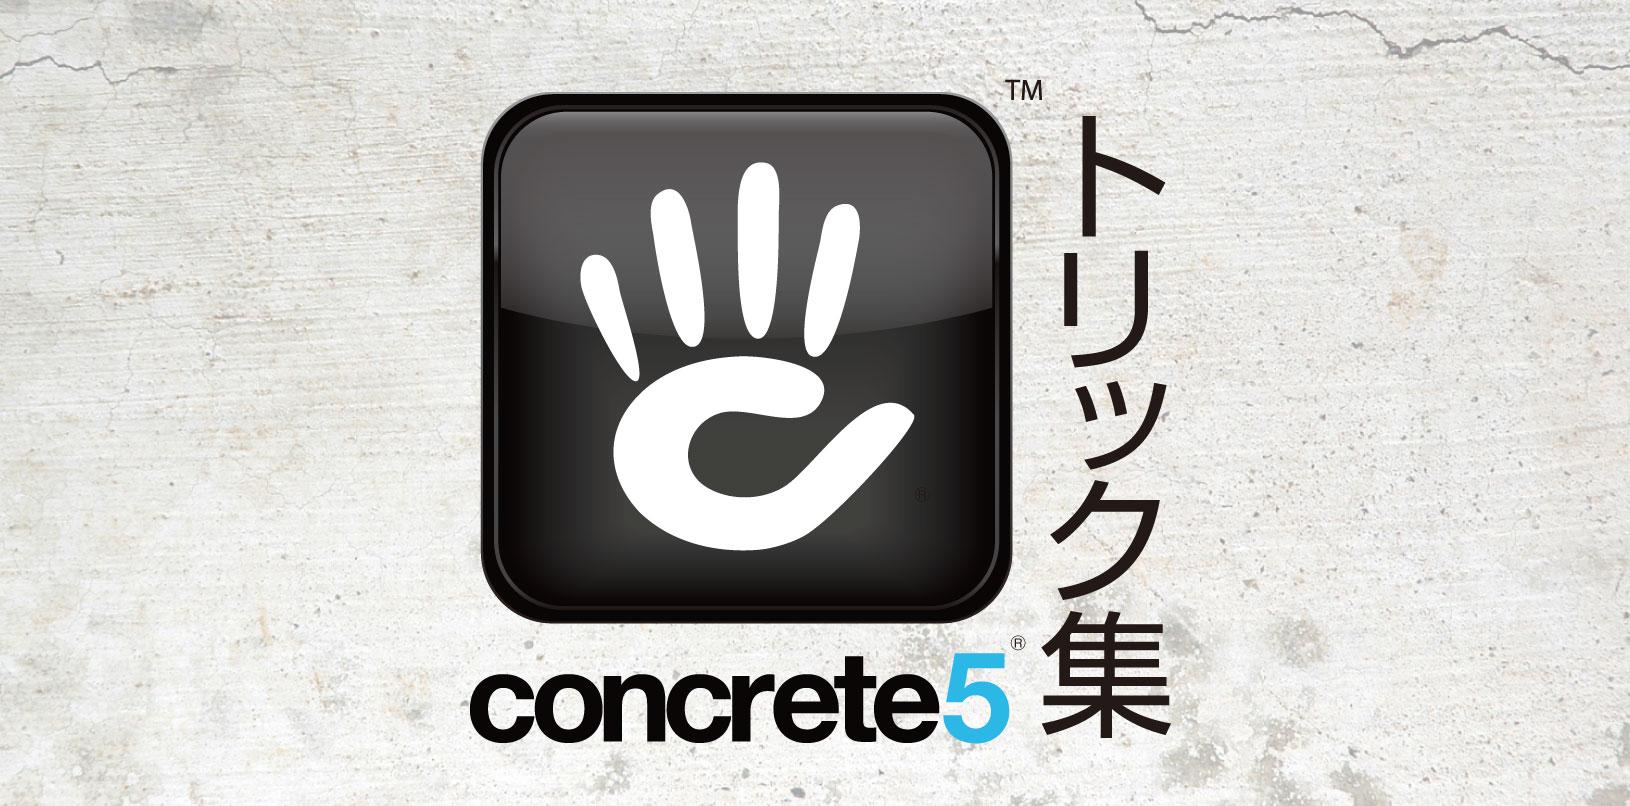 concrete5 トリック集